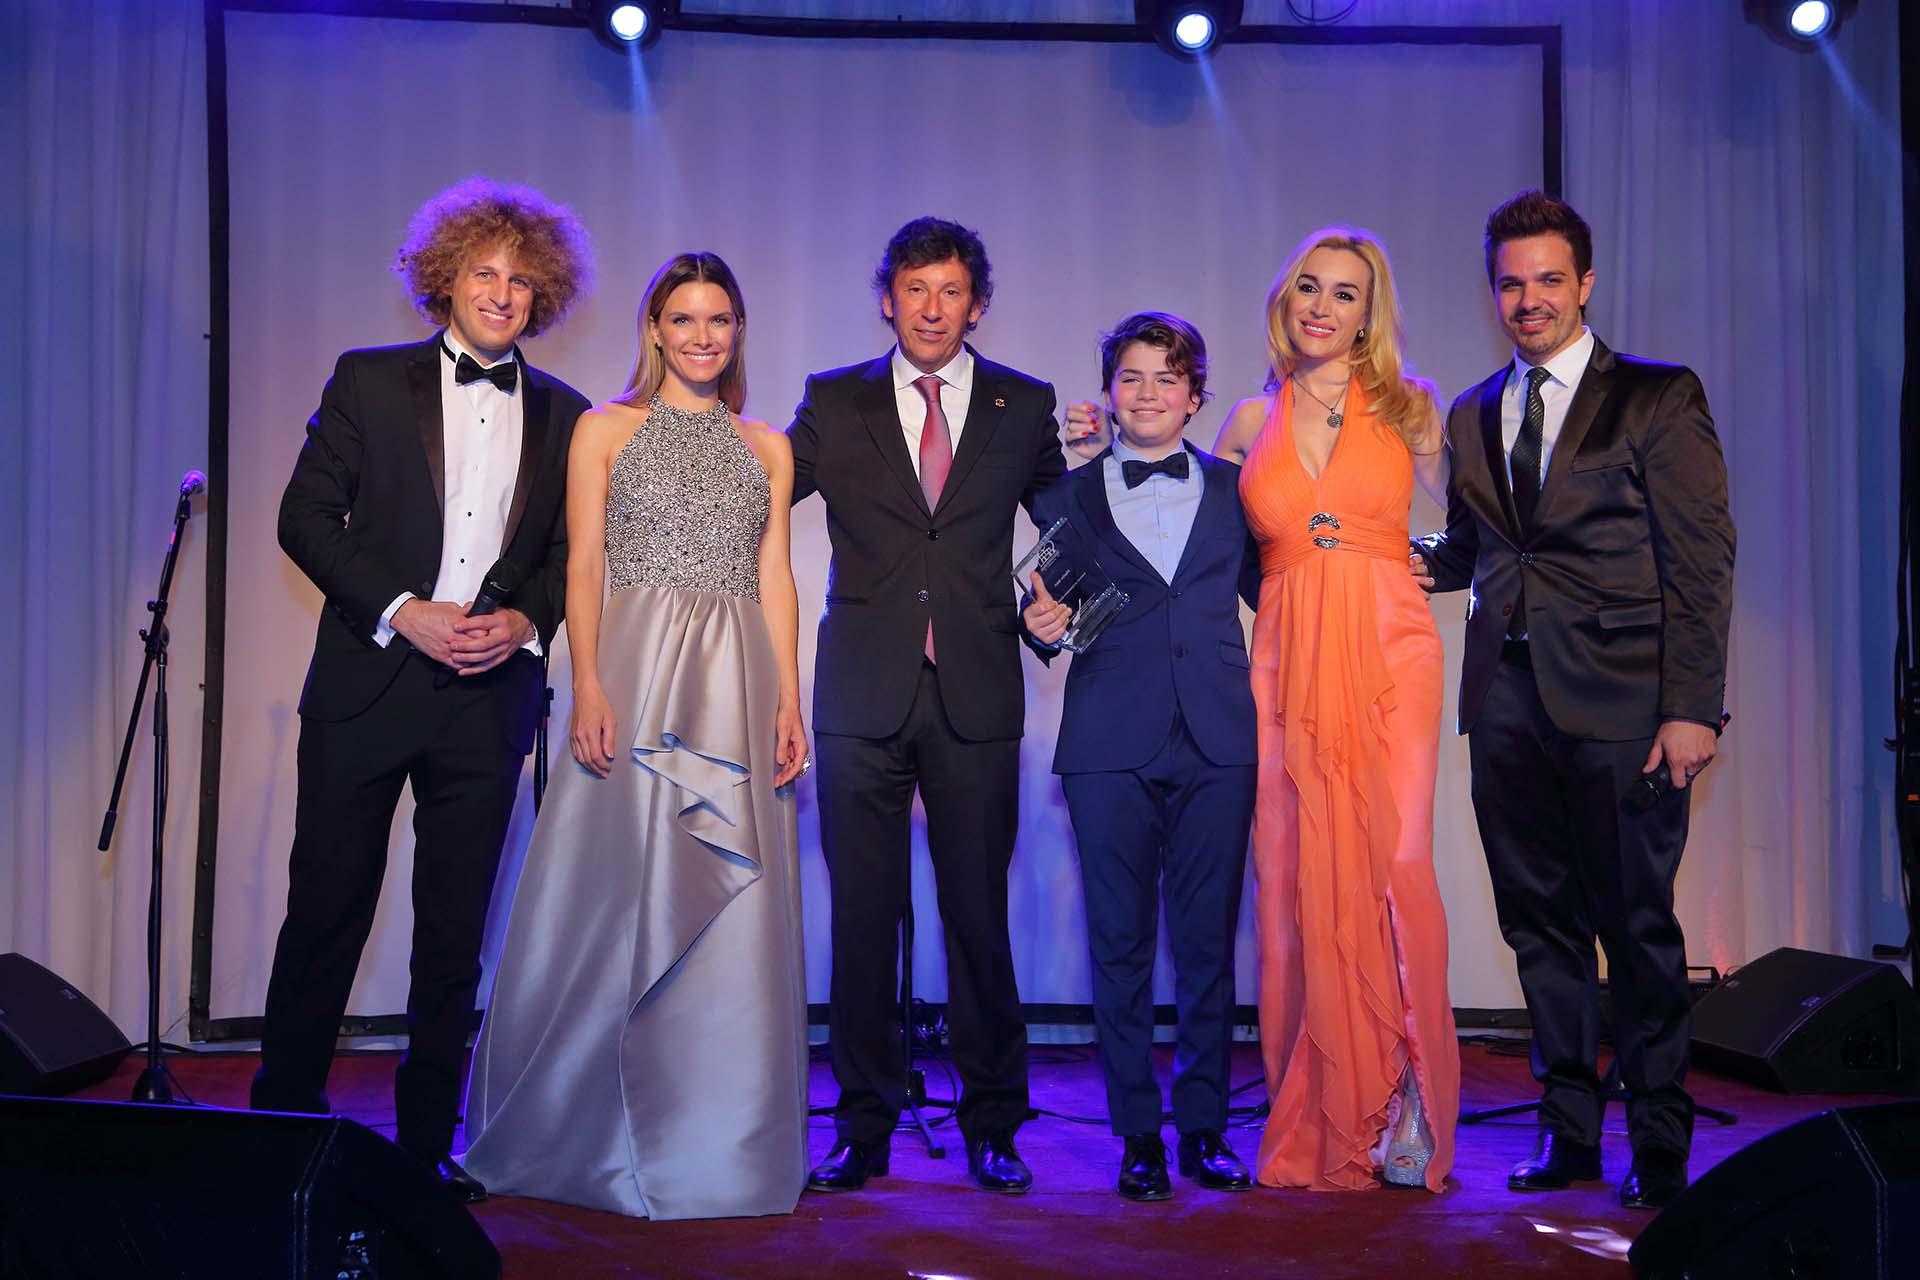 """Darian """"Rulo"""" Schijman, Sofía Zámolo, Gustavo Posse, Martín Savi, Fátima Florez y Alejandro Viñas"""